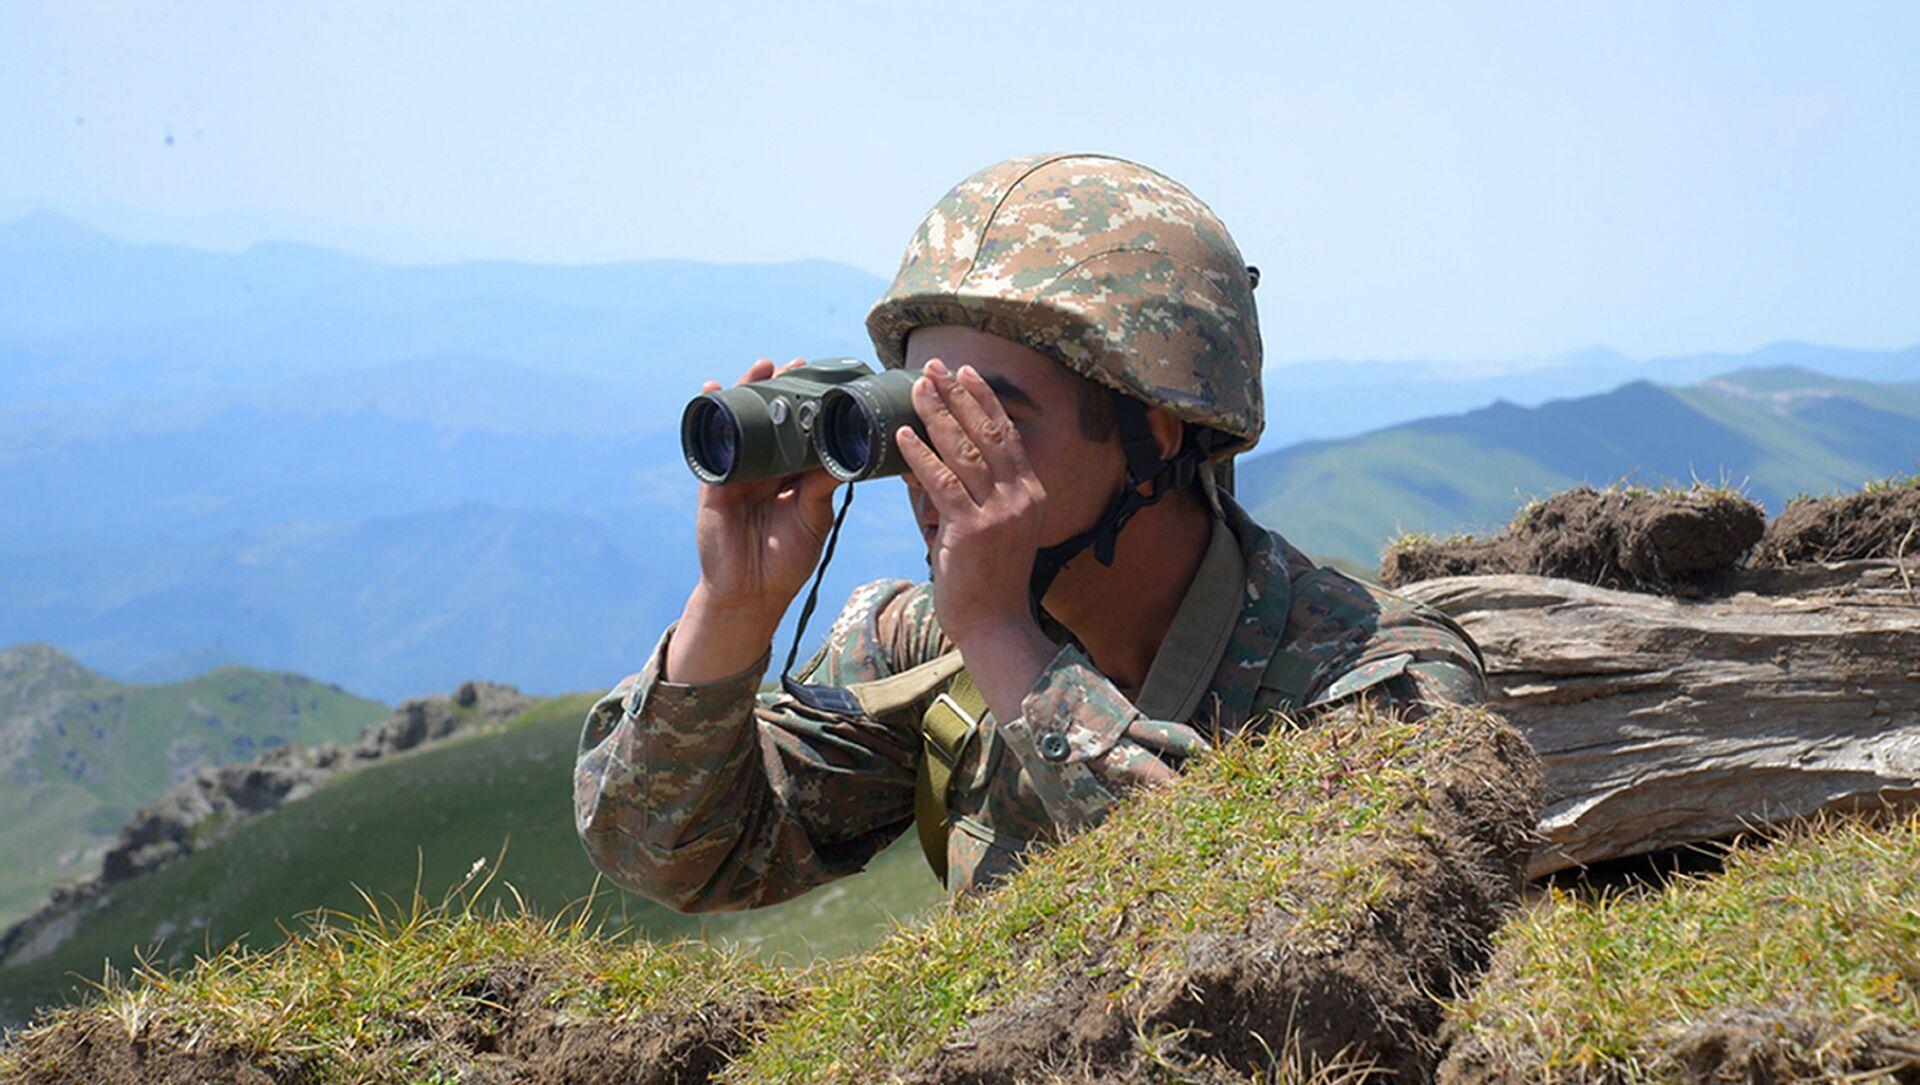 Một người lính Armenia nhìn qua ống nhòm tại vị trí của anh ta trên chiến tuyến ở vùng Tavush, Armenia - Sputnik Việt Nam, 1920, 20.07.2021